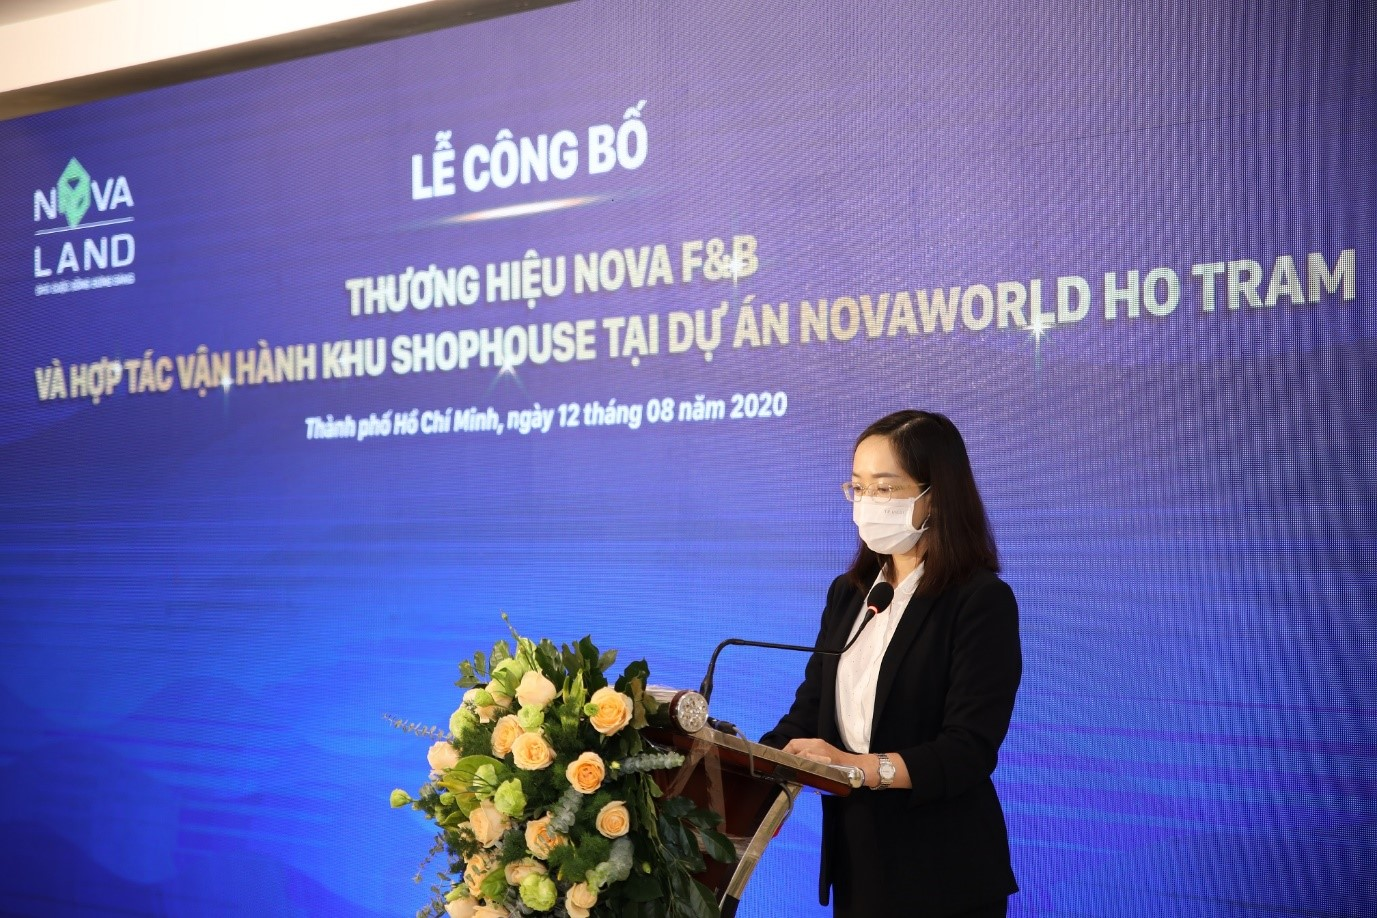 Bà Võ Đoan Thùy - Giám đốc điều hành Nova F&B phát biểu tại sự kiện